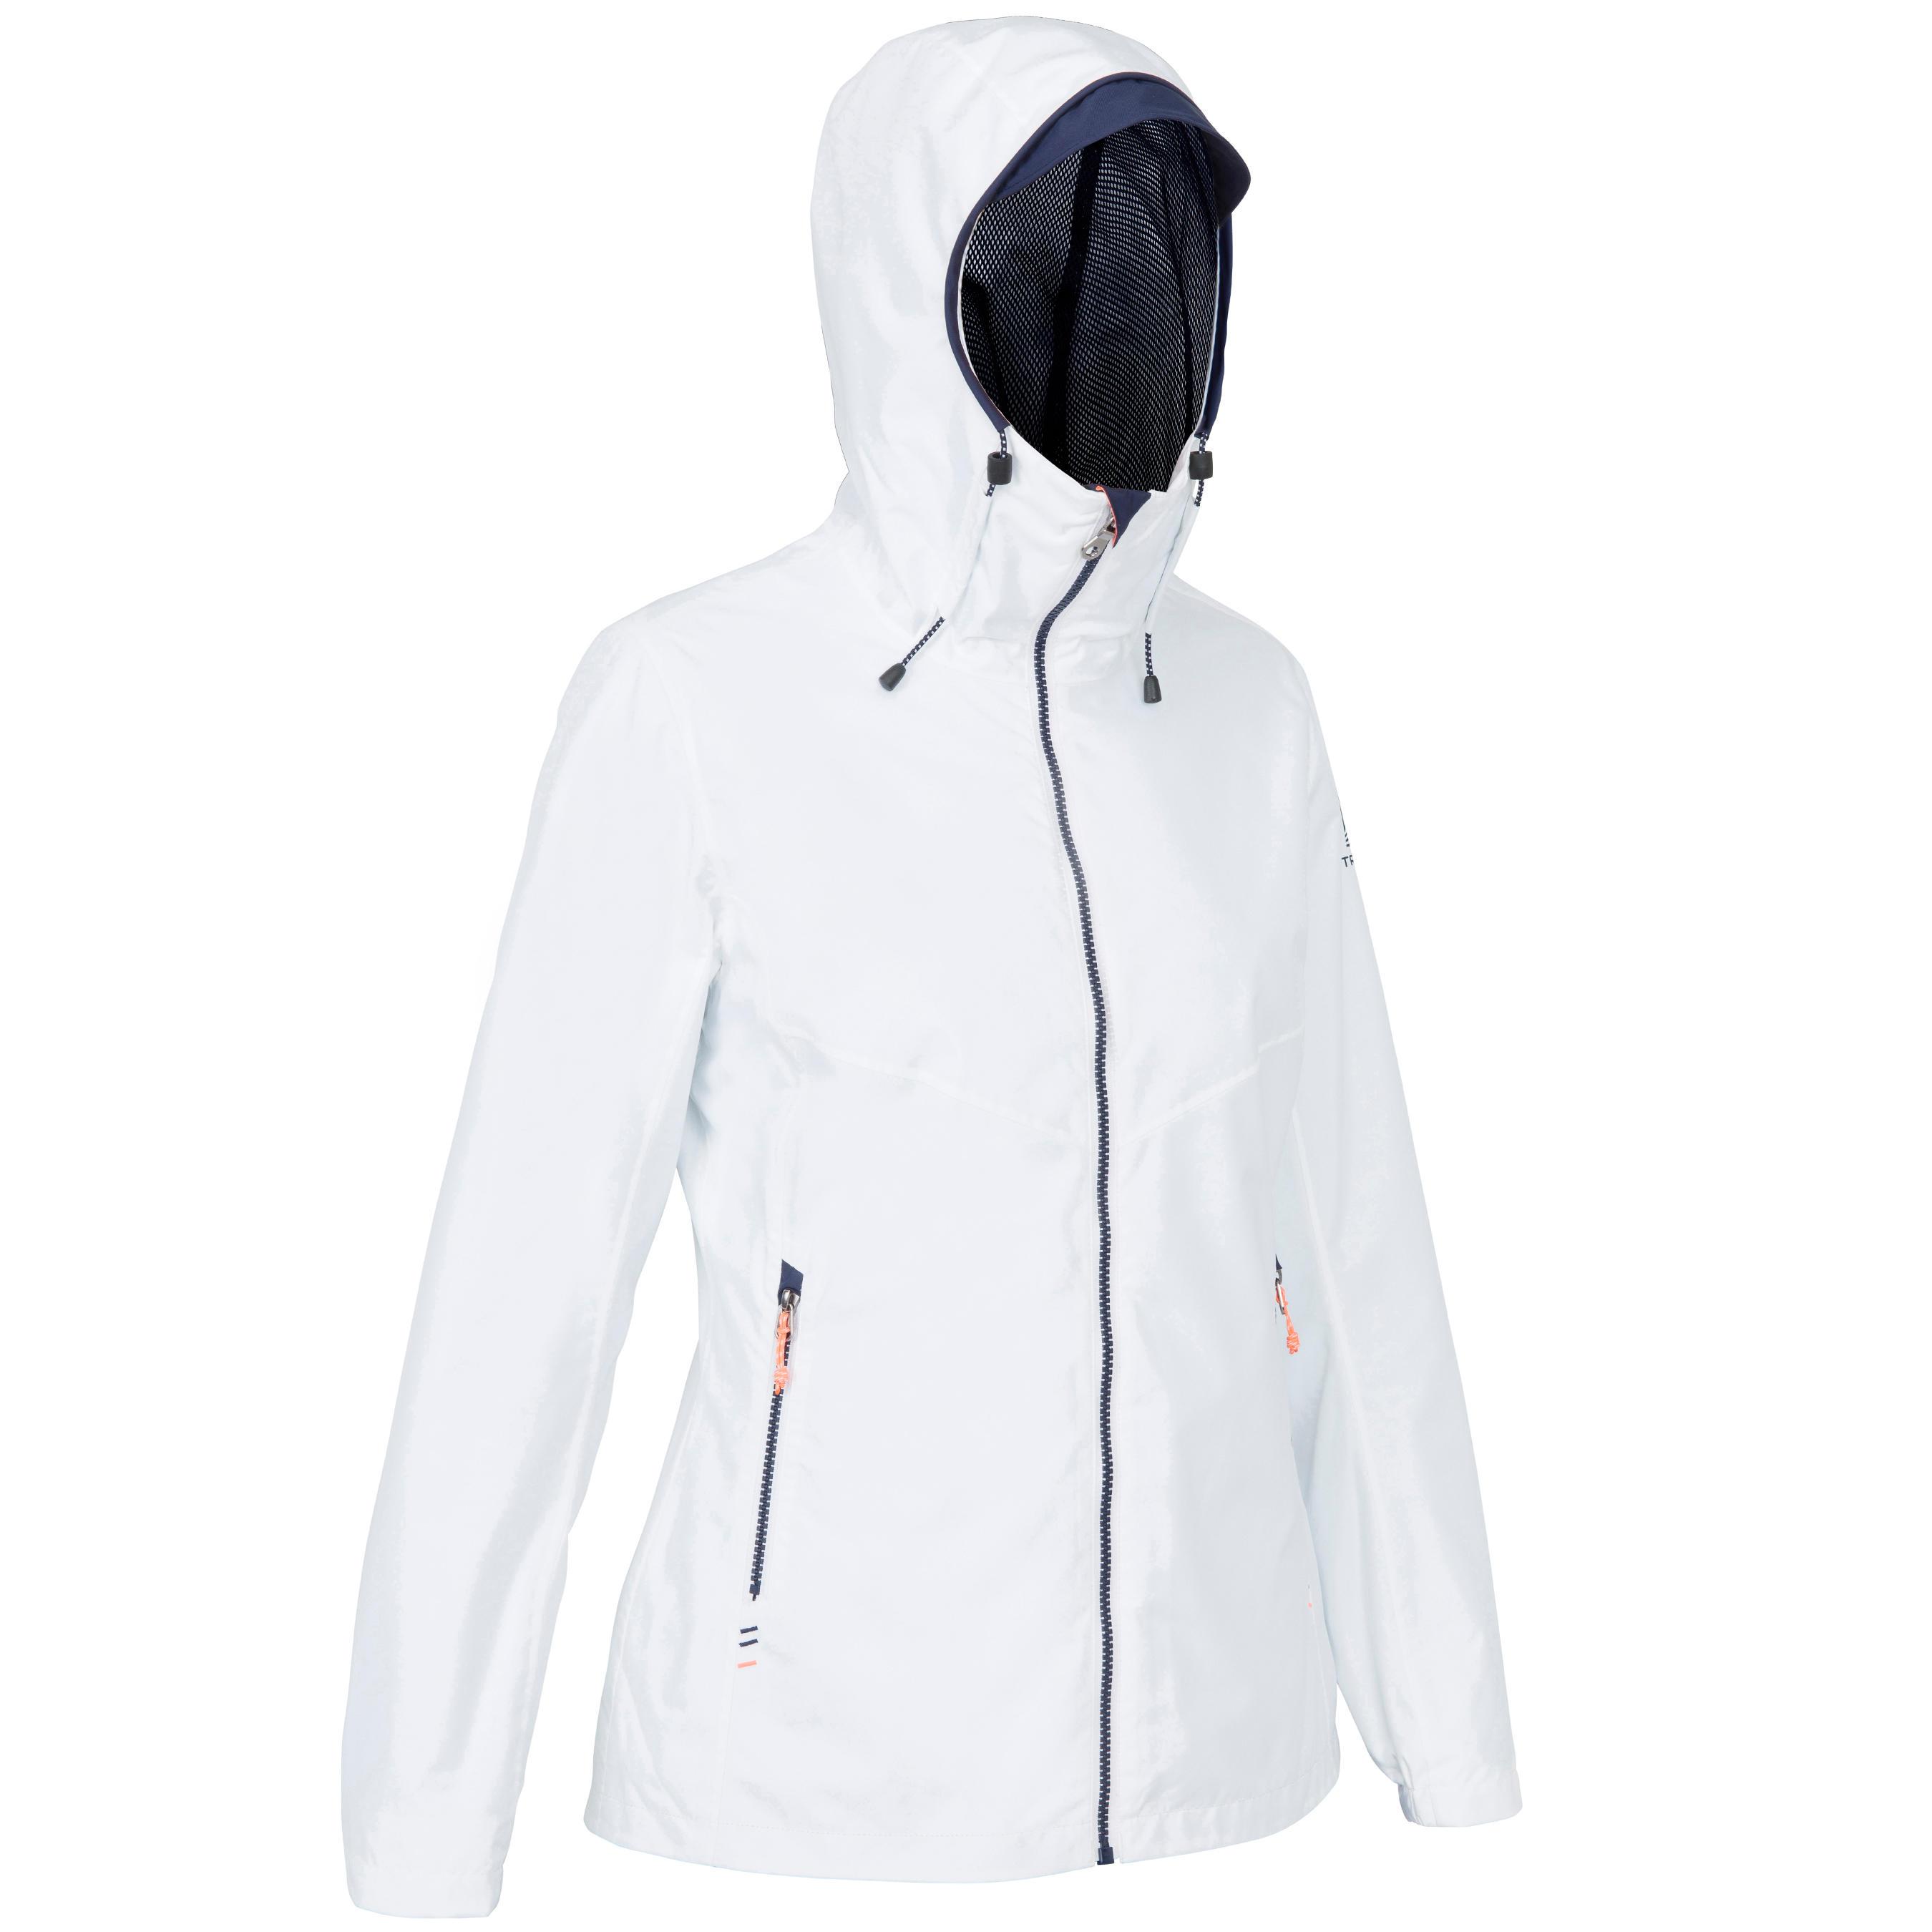 Jachetă Navigație Sailing 100 imagine produs